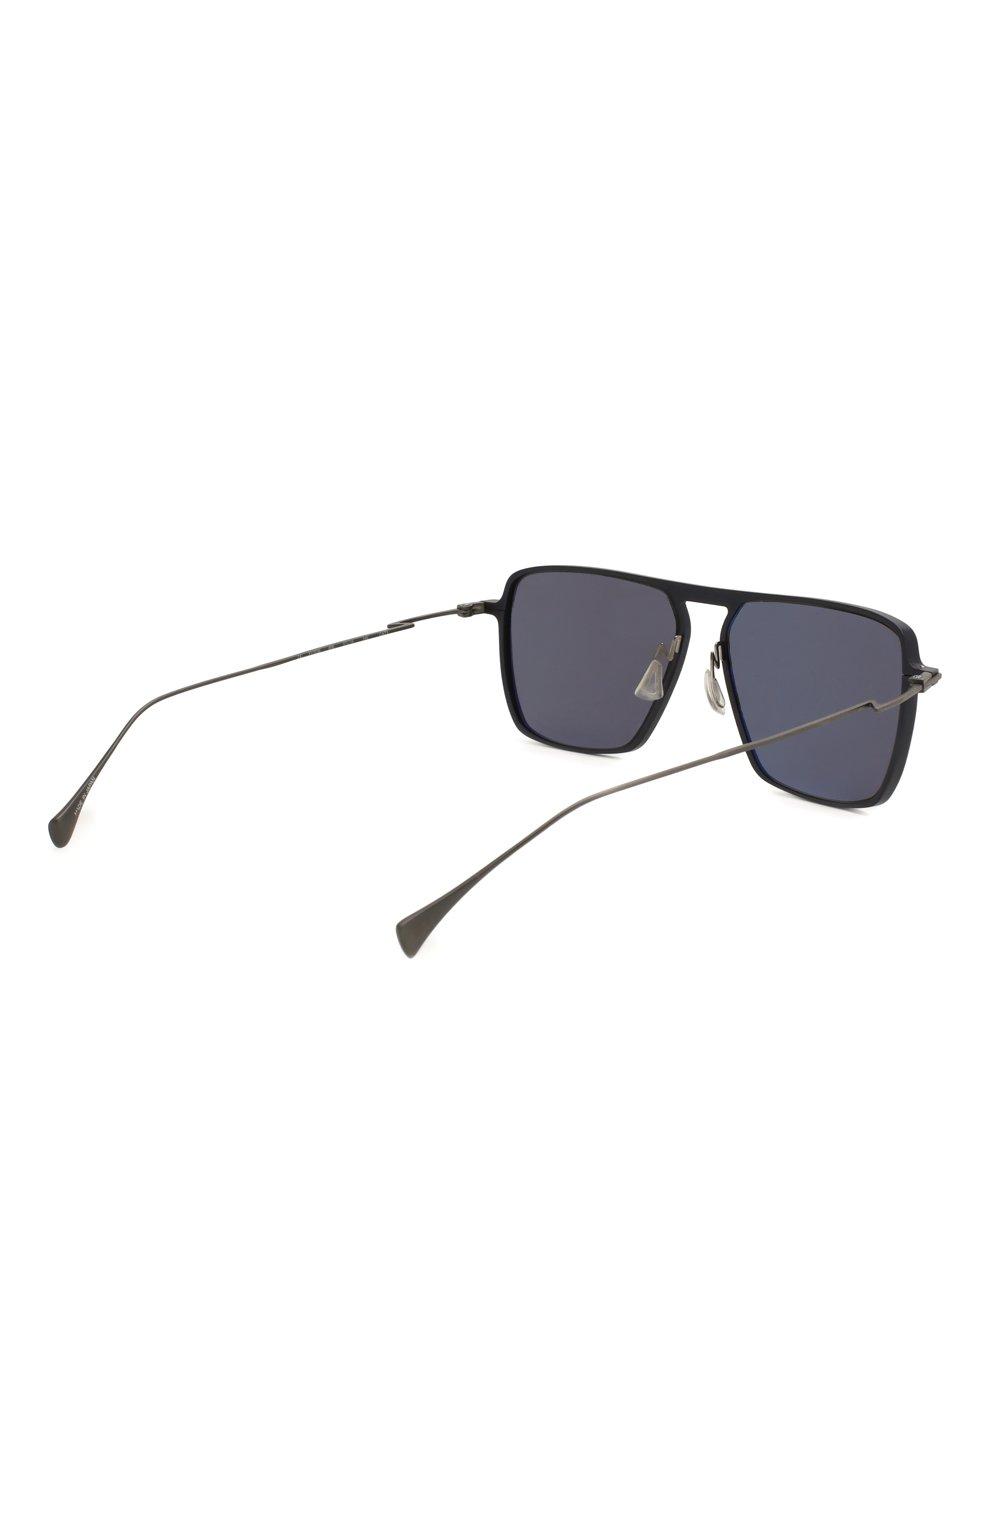 Мужские солнцезащитные очки YOHJI YAMAMOTO серого цвета, арт. YY7036 609   Фото 5